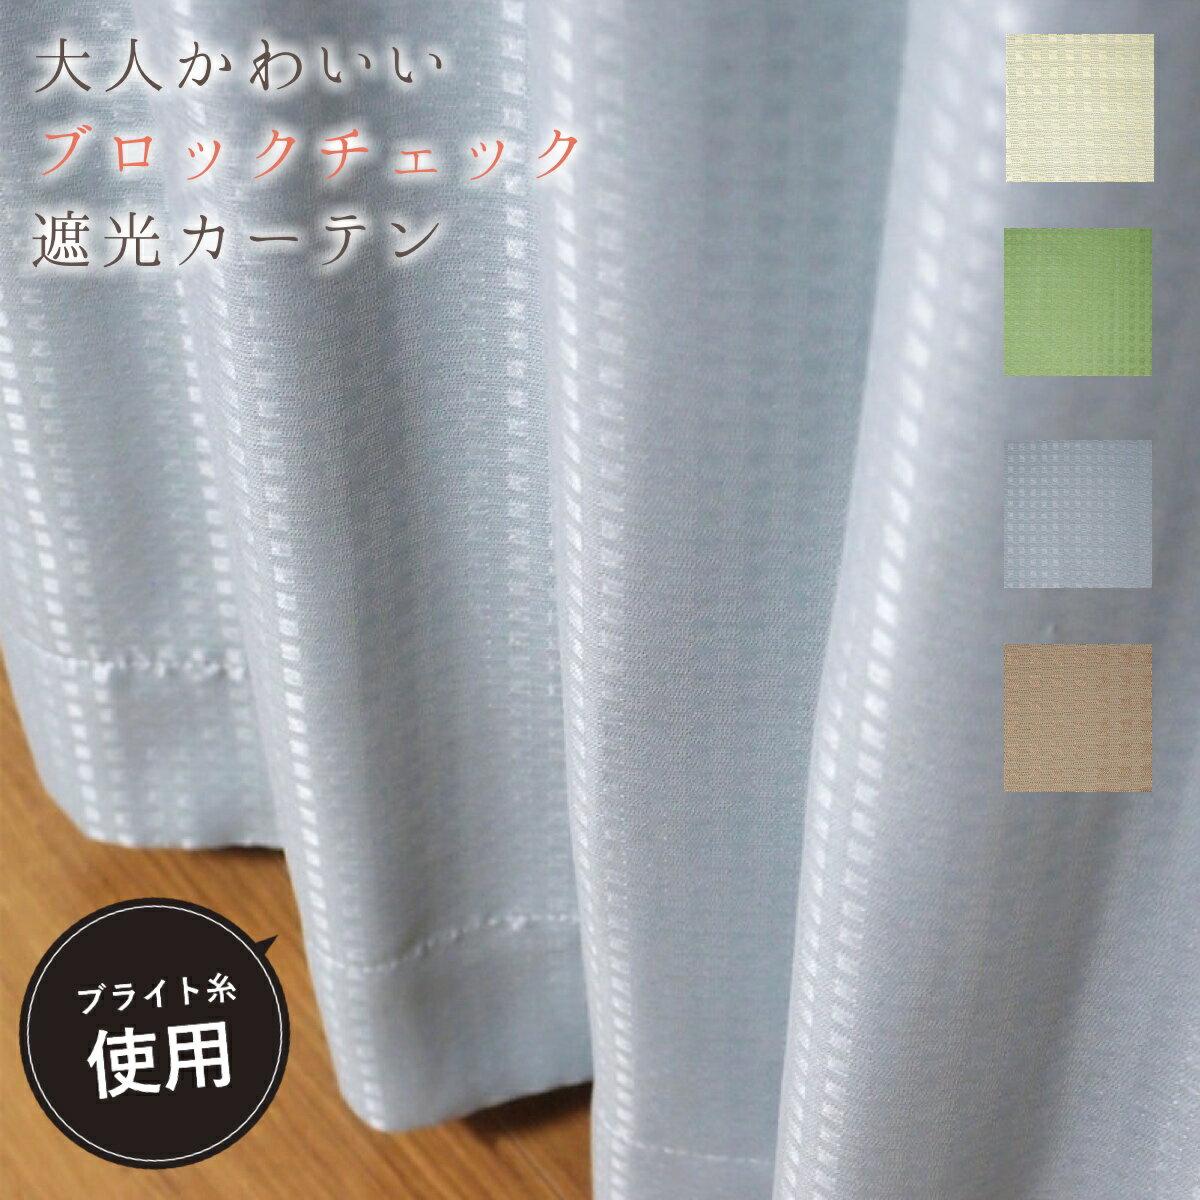 ブロックチェック かわいい 遮光 カーテン お得サイズ デニーロ(2枚組)